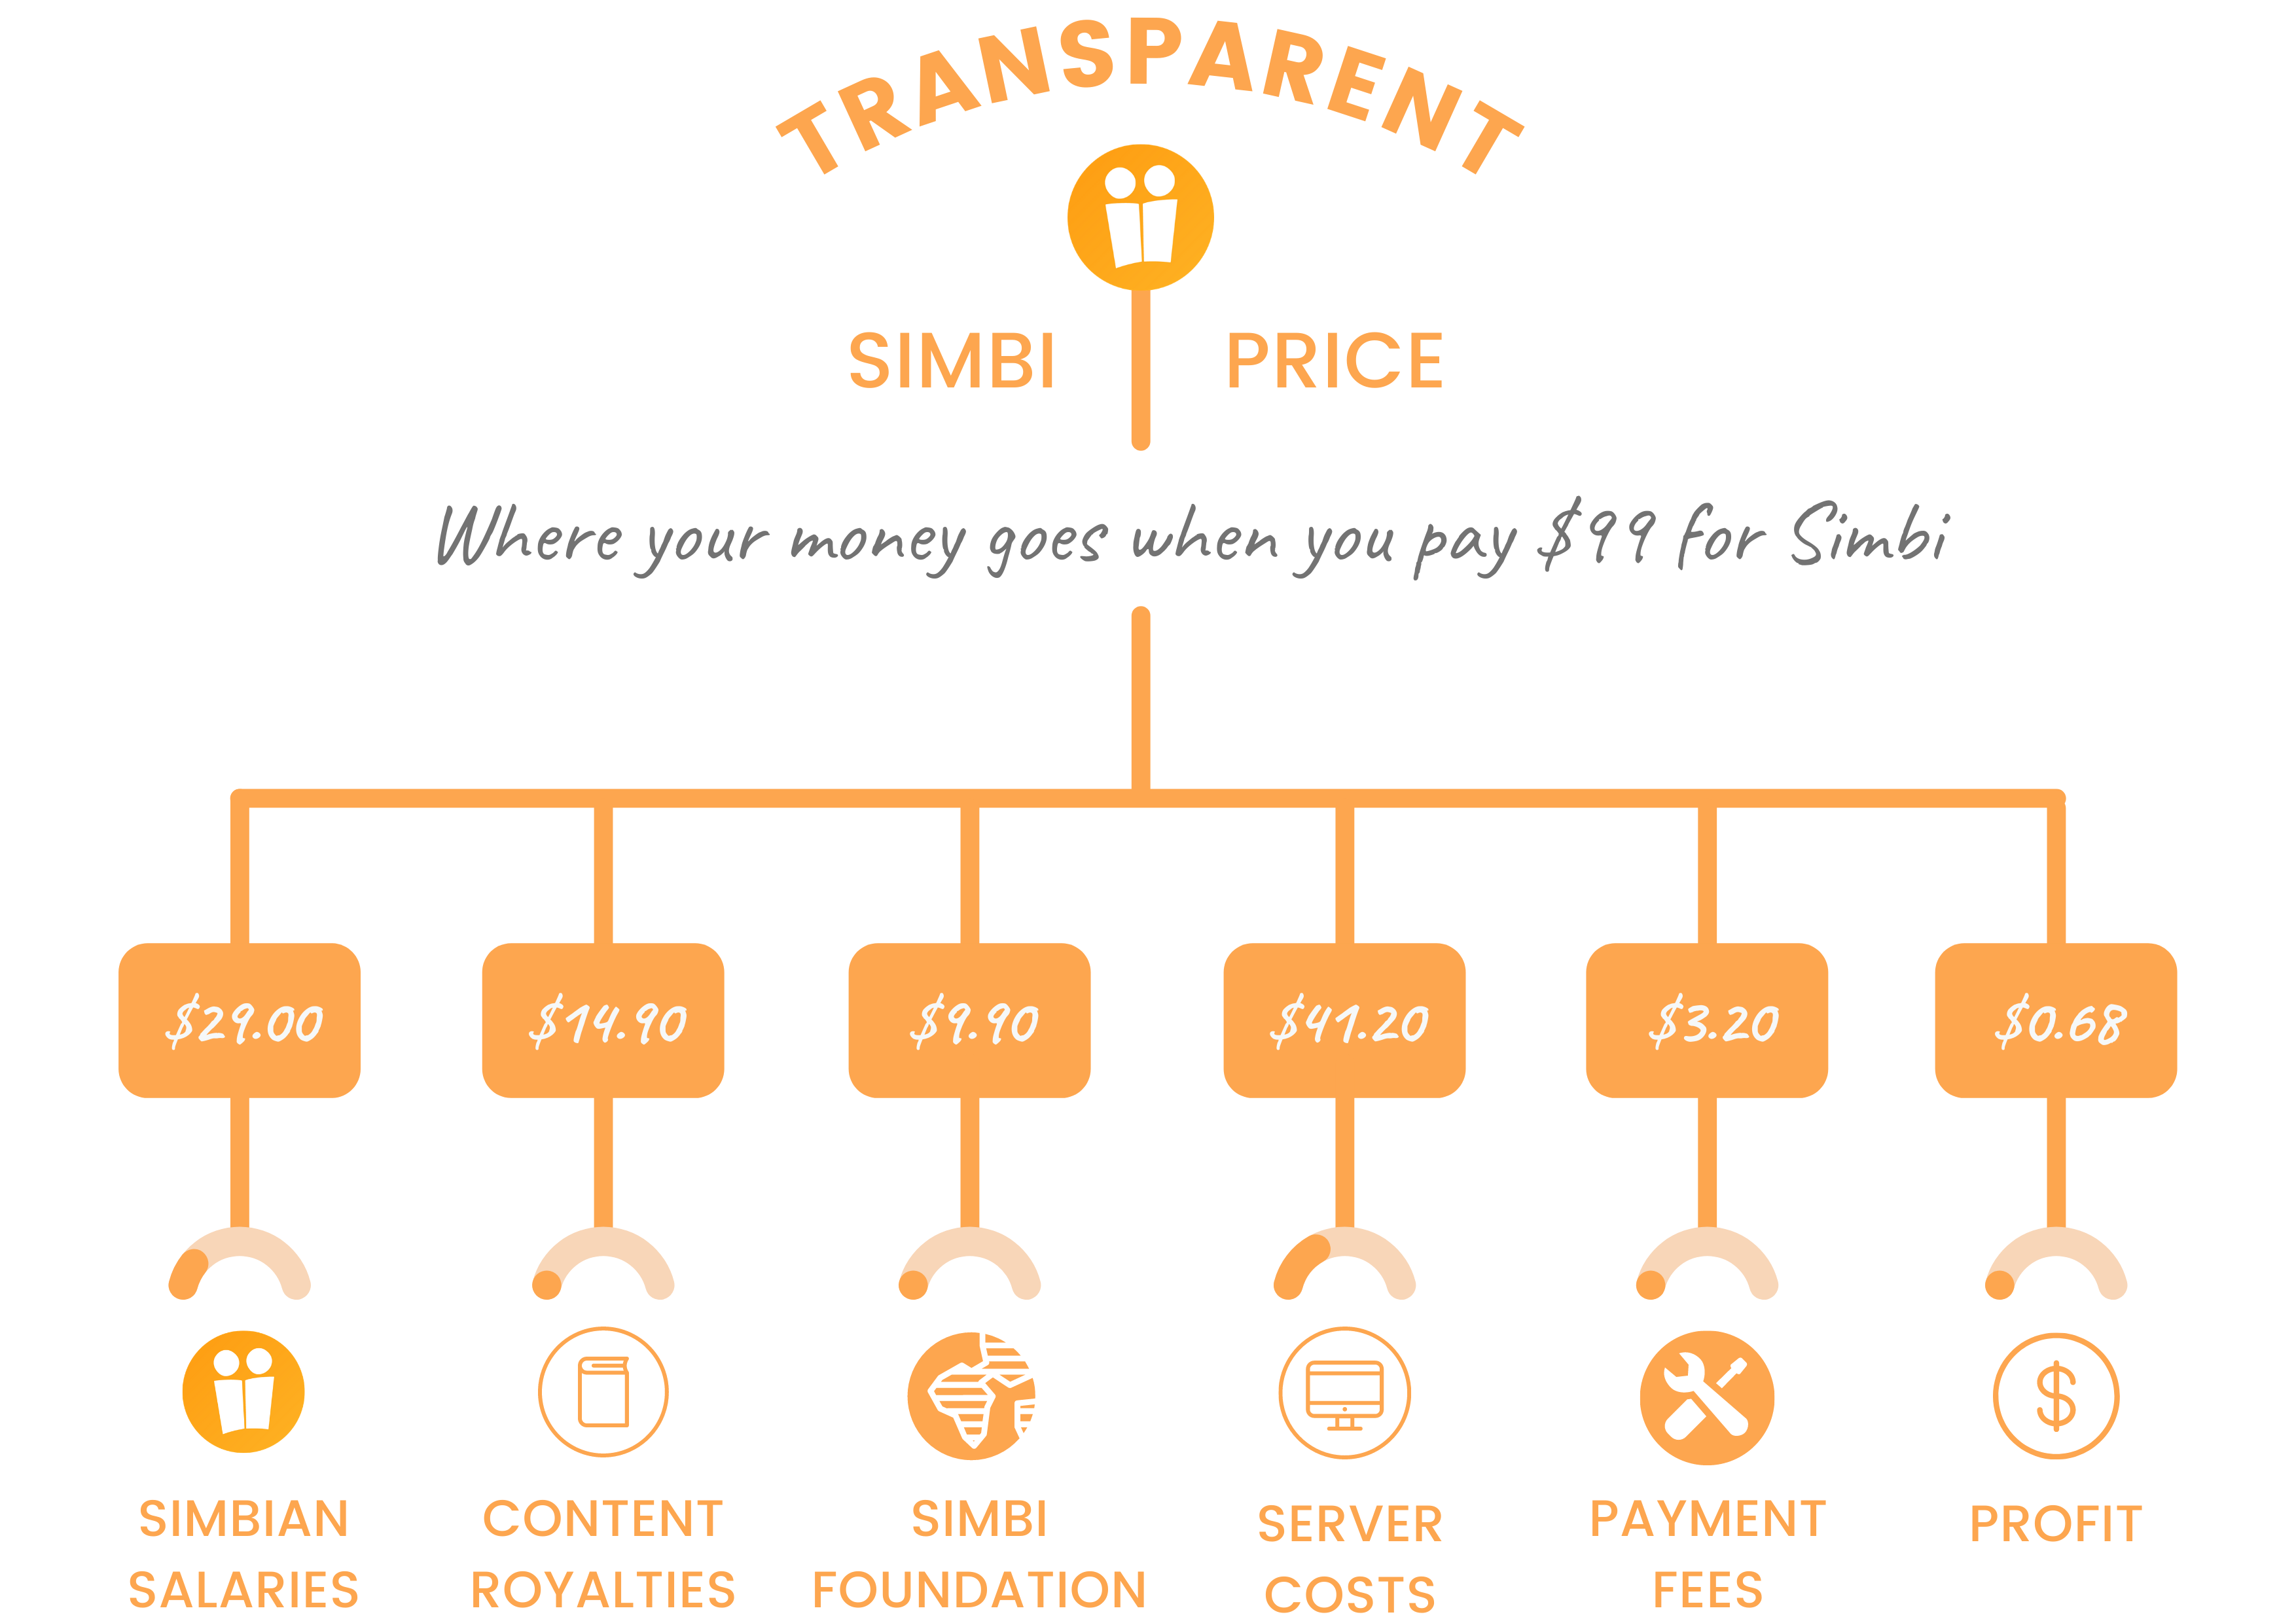 Simbi Transparent Pricing